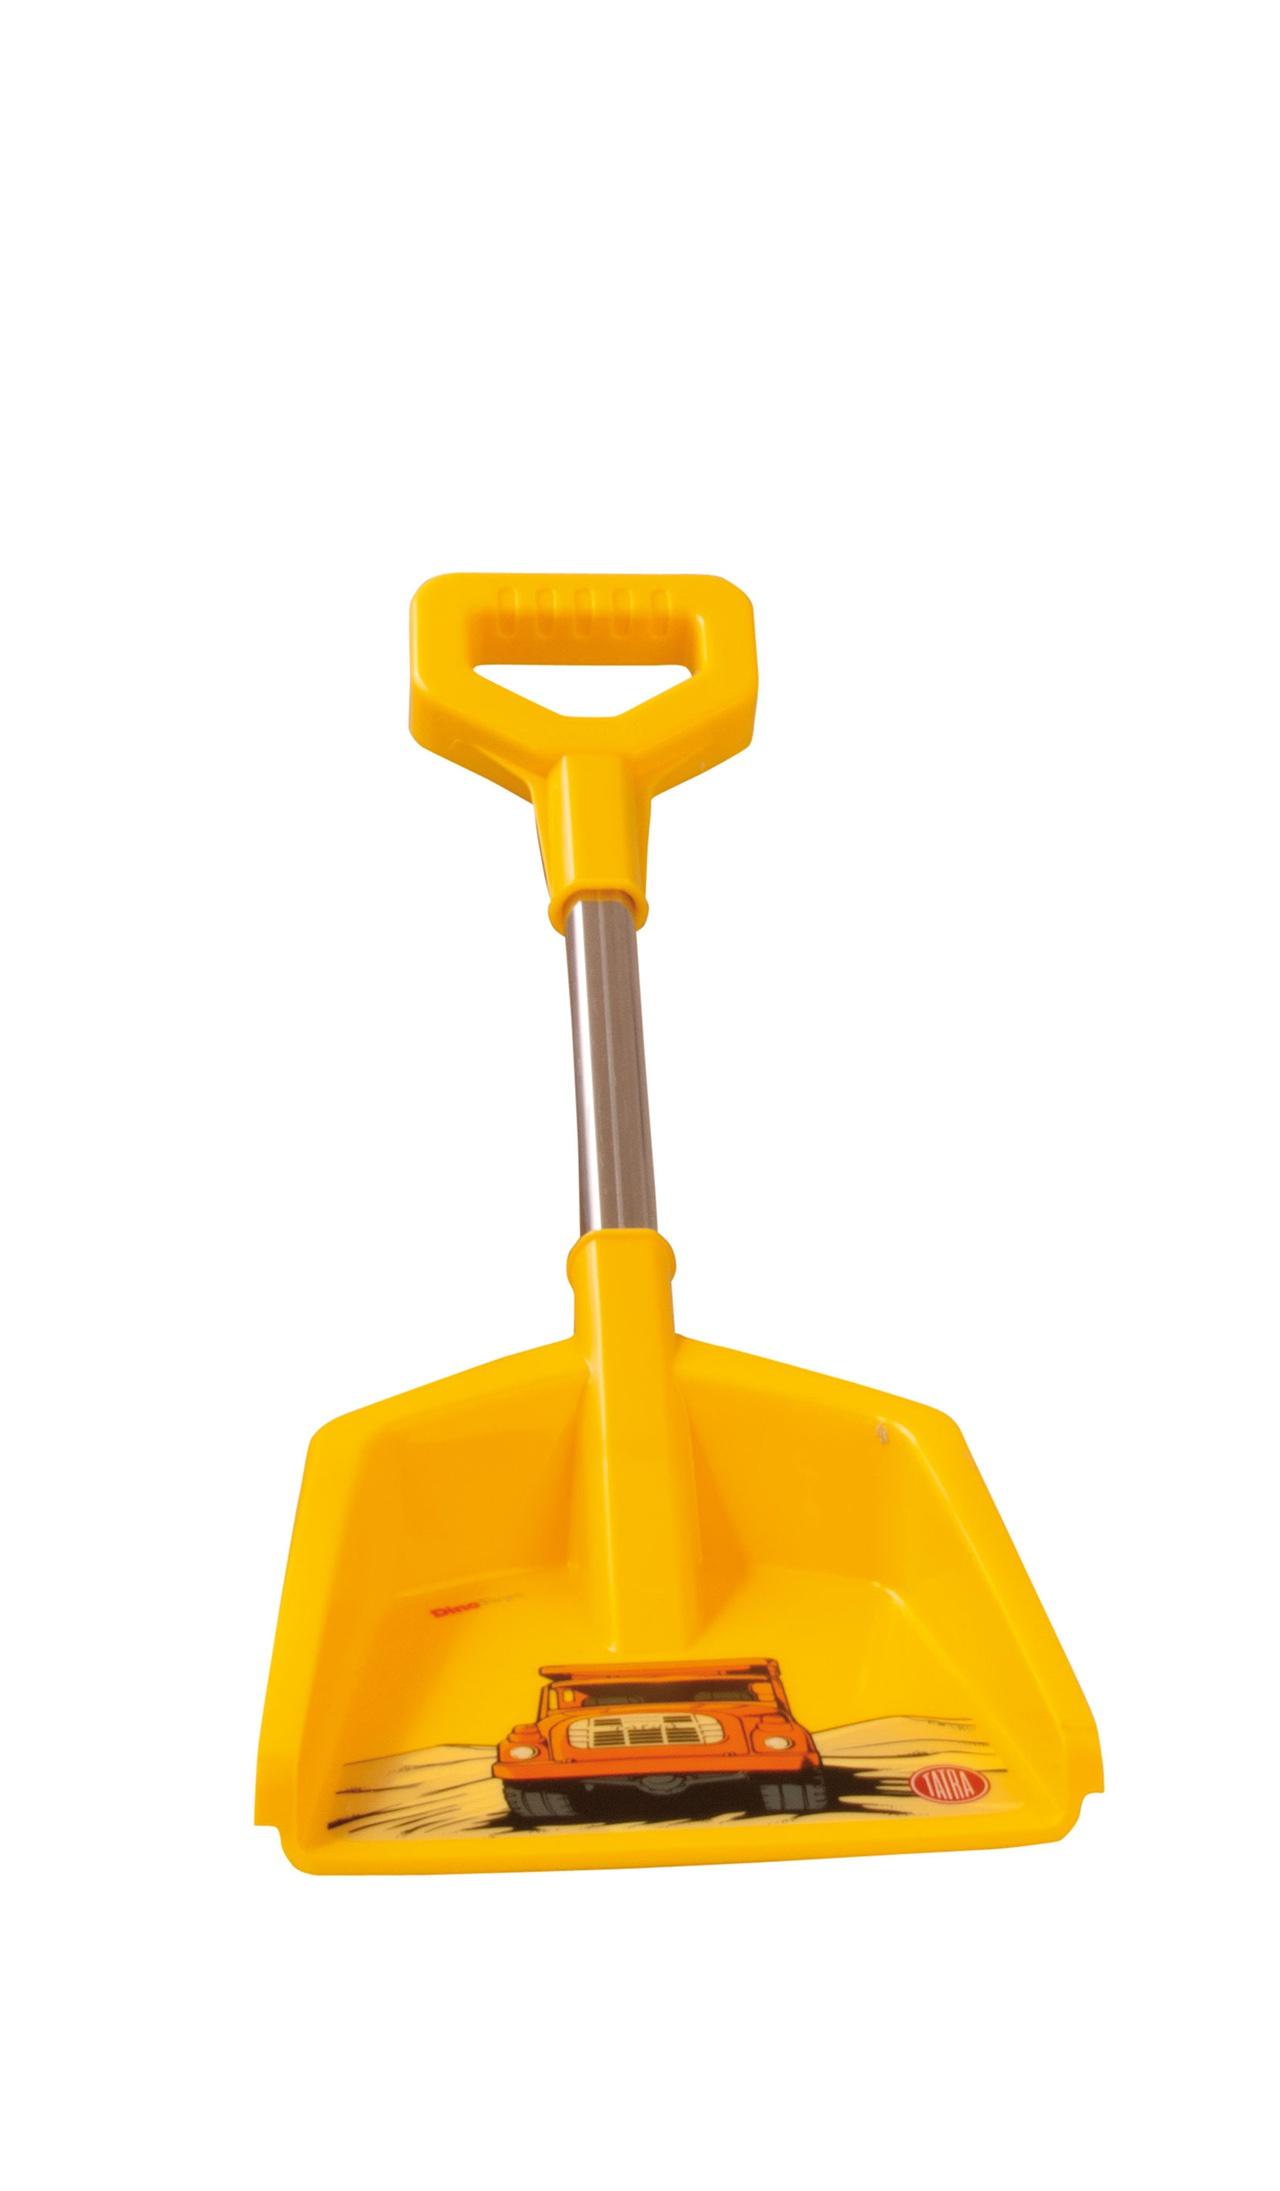 Lopatka do písku tatra žlutá